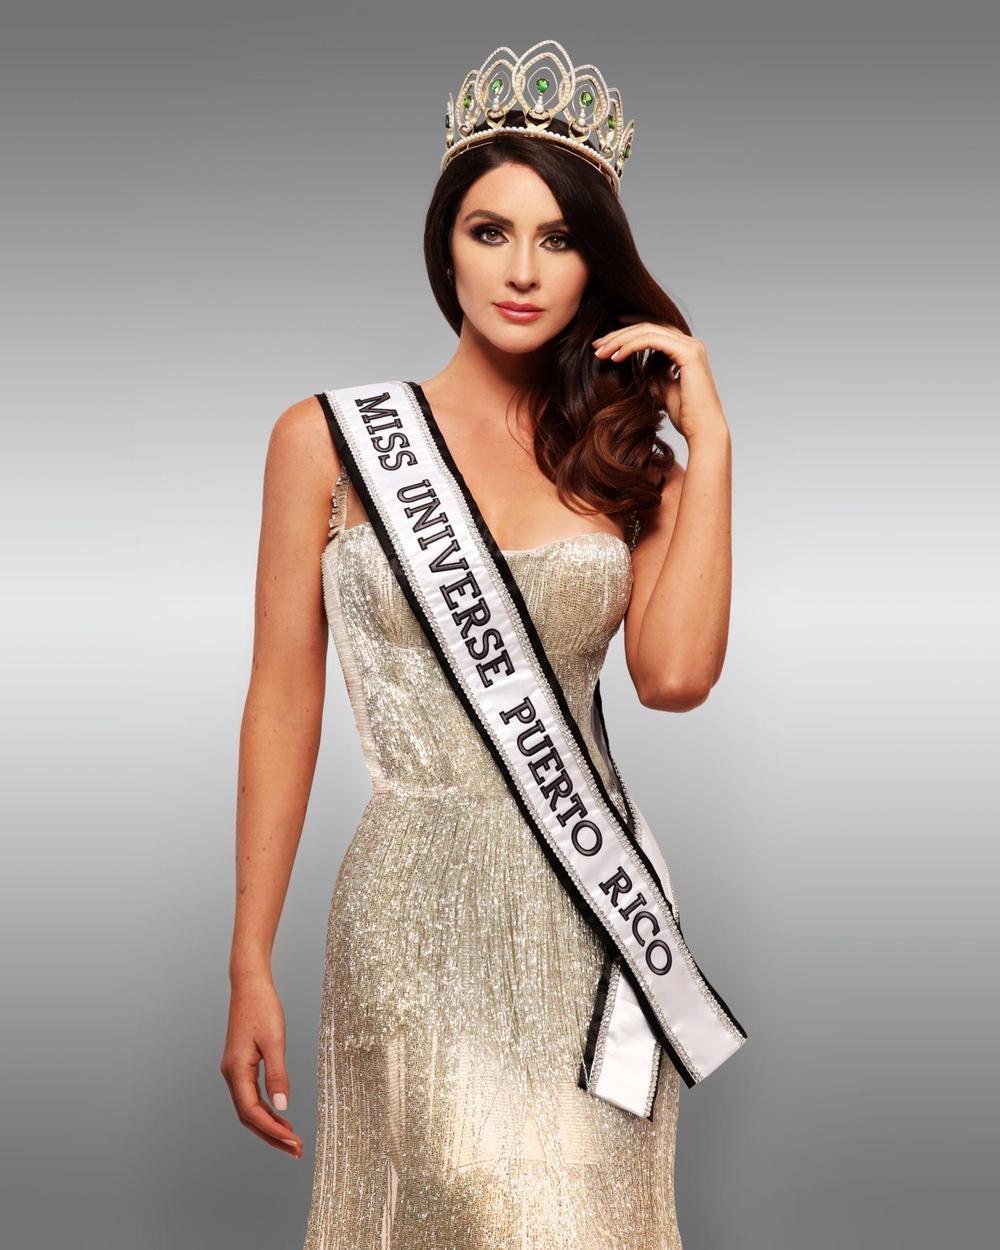 Khánh Vân đang được chú ý nhất Miss Universe, đến Missosology còn 5 lần 7 lượt điểm mặt nhắc tên? Ảnh 3